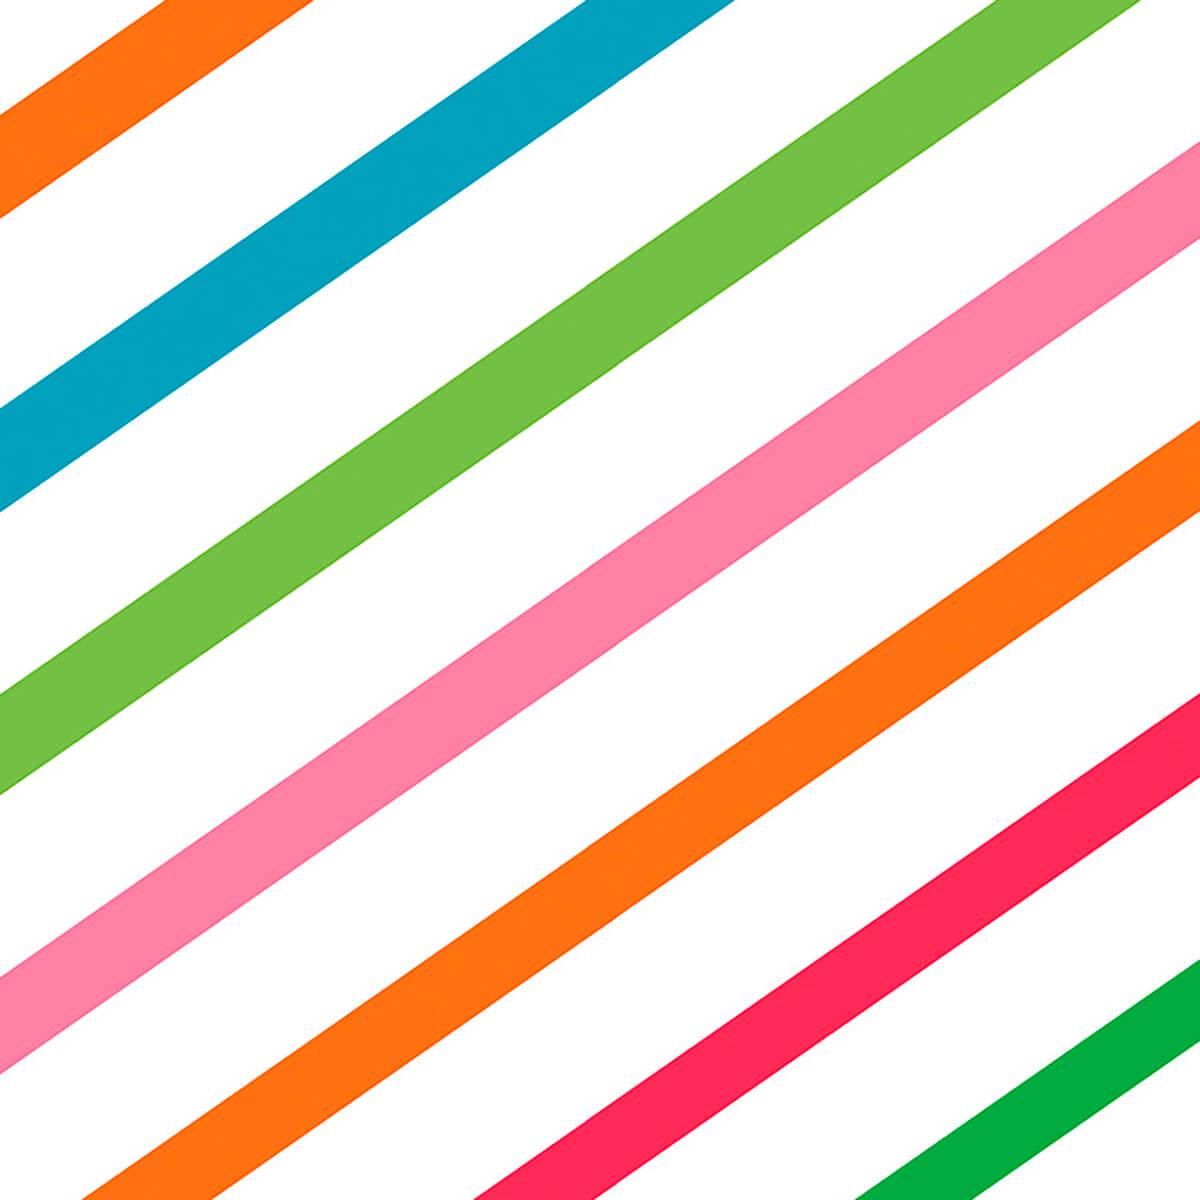 Painel diagonal pop | Regina Strumpf